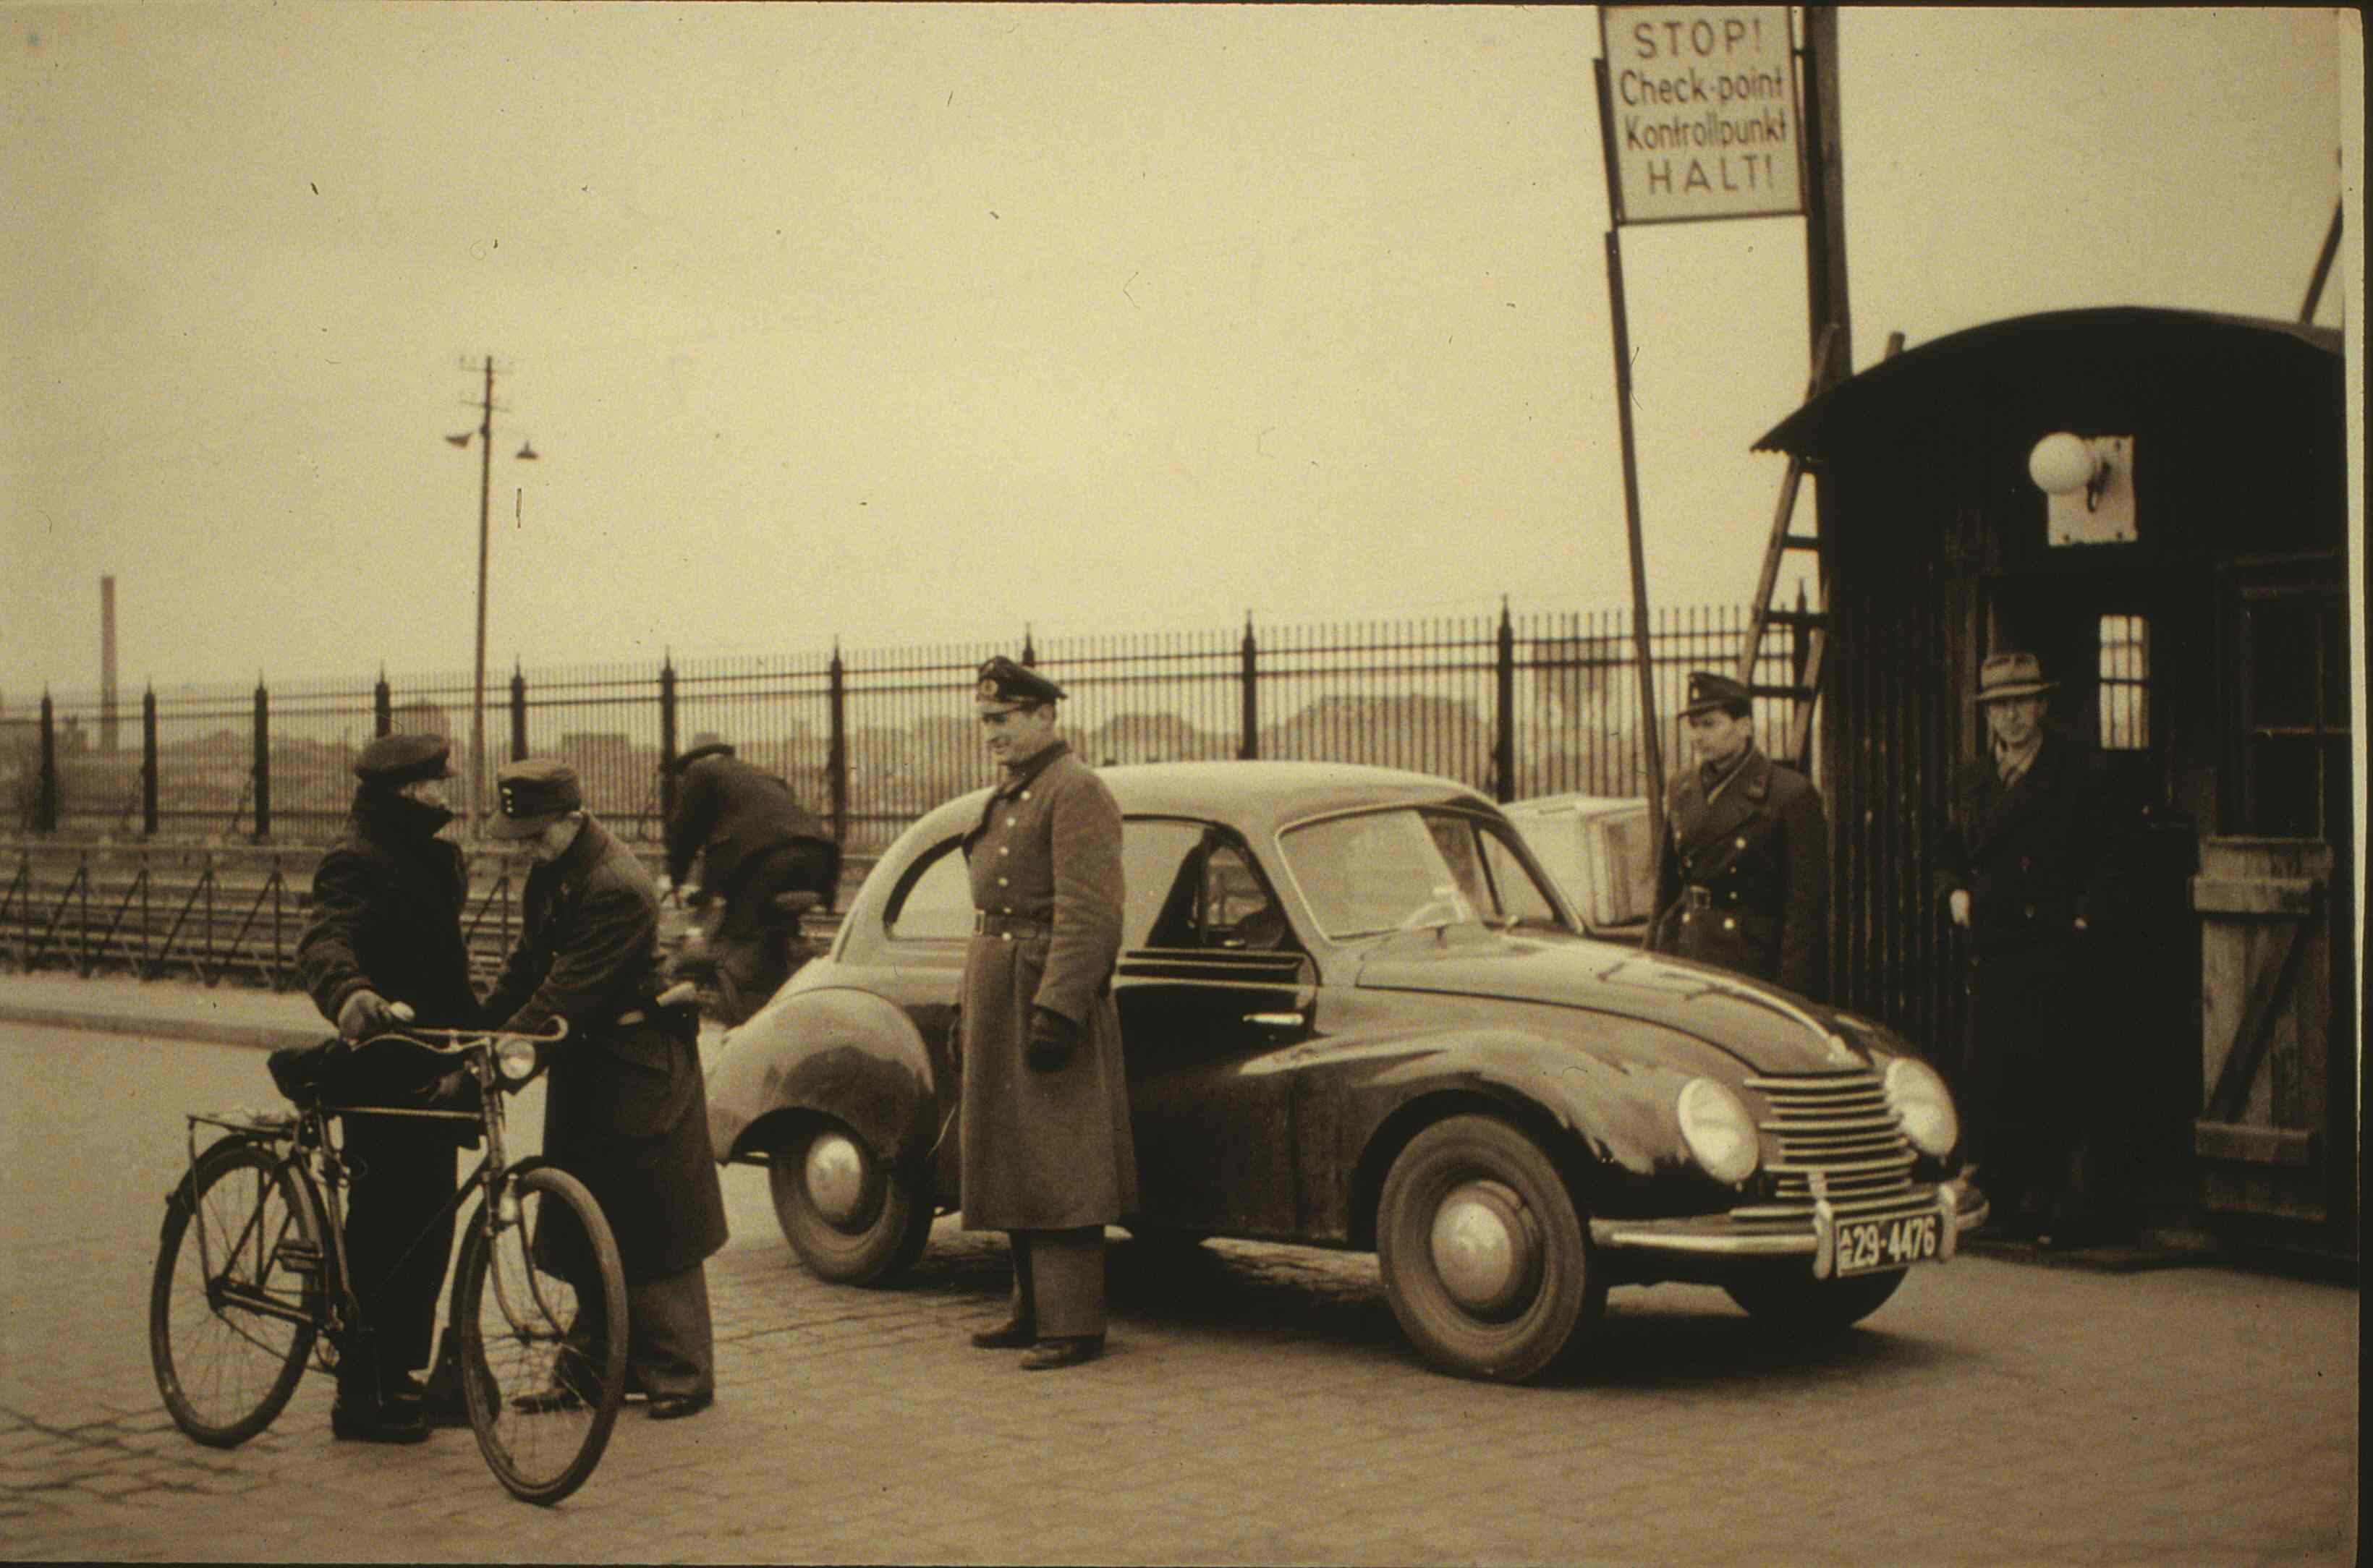 Vertrauen ist gut, Kontrolle ist besser: Personenkontrolle an einem Wachtposten am Bremer Freihafen. Das Foto ist vermutlich in den frühen 1950er Jahren entstanden, darauf weist das bis 1956 ausgegebene amerikanische Kennzeichen mit dem Kürzel AE für Amerikanische Enklave hin. Quelle: Kulturhaus Walle